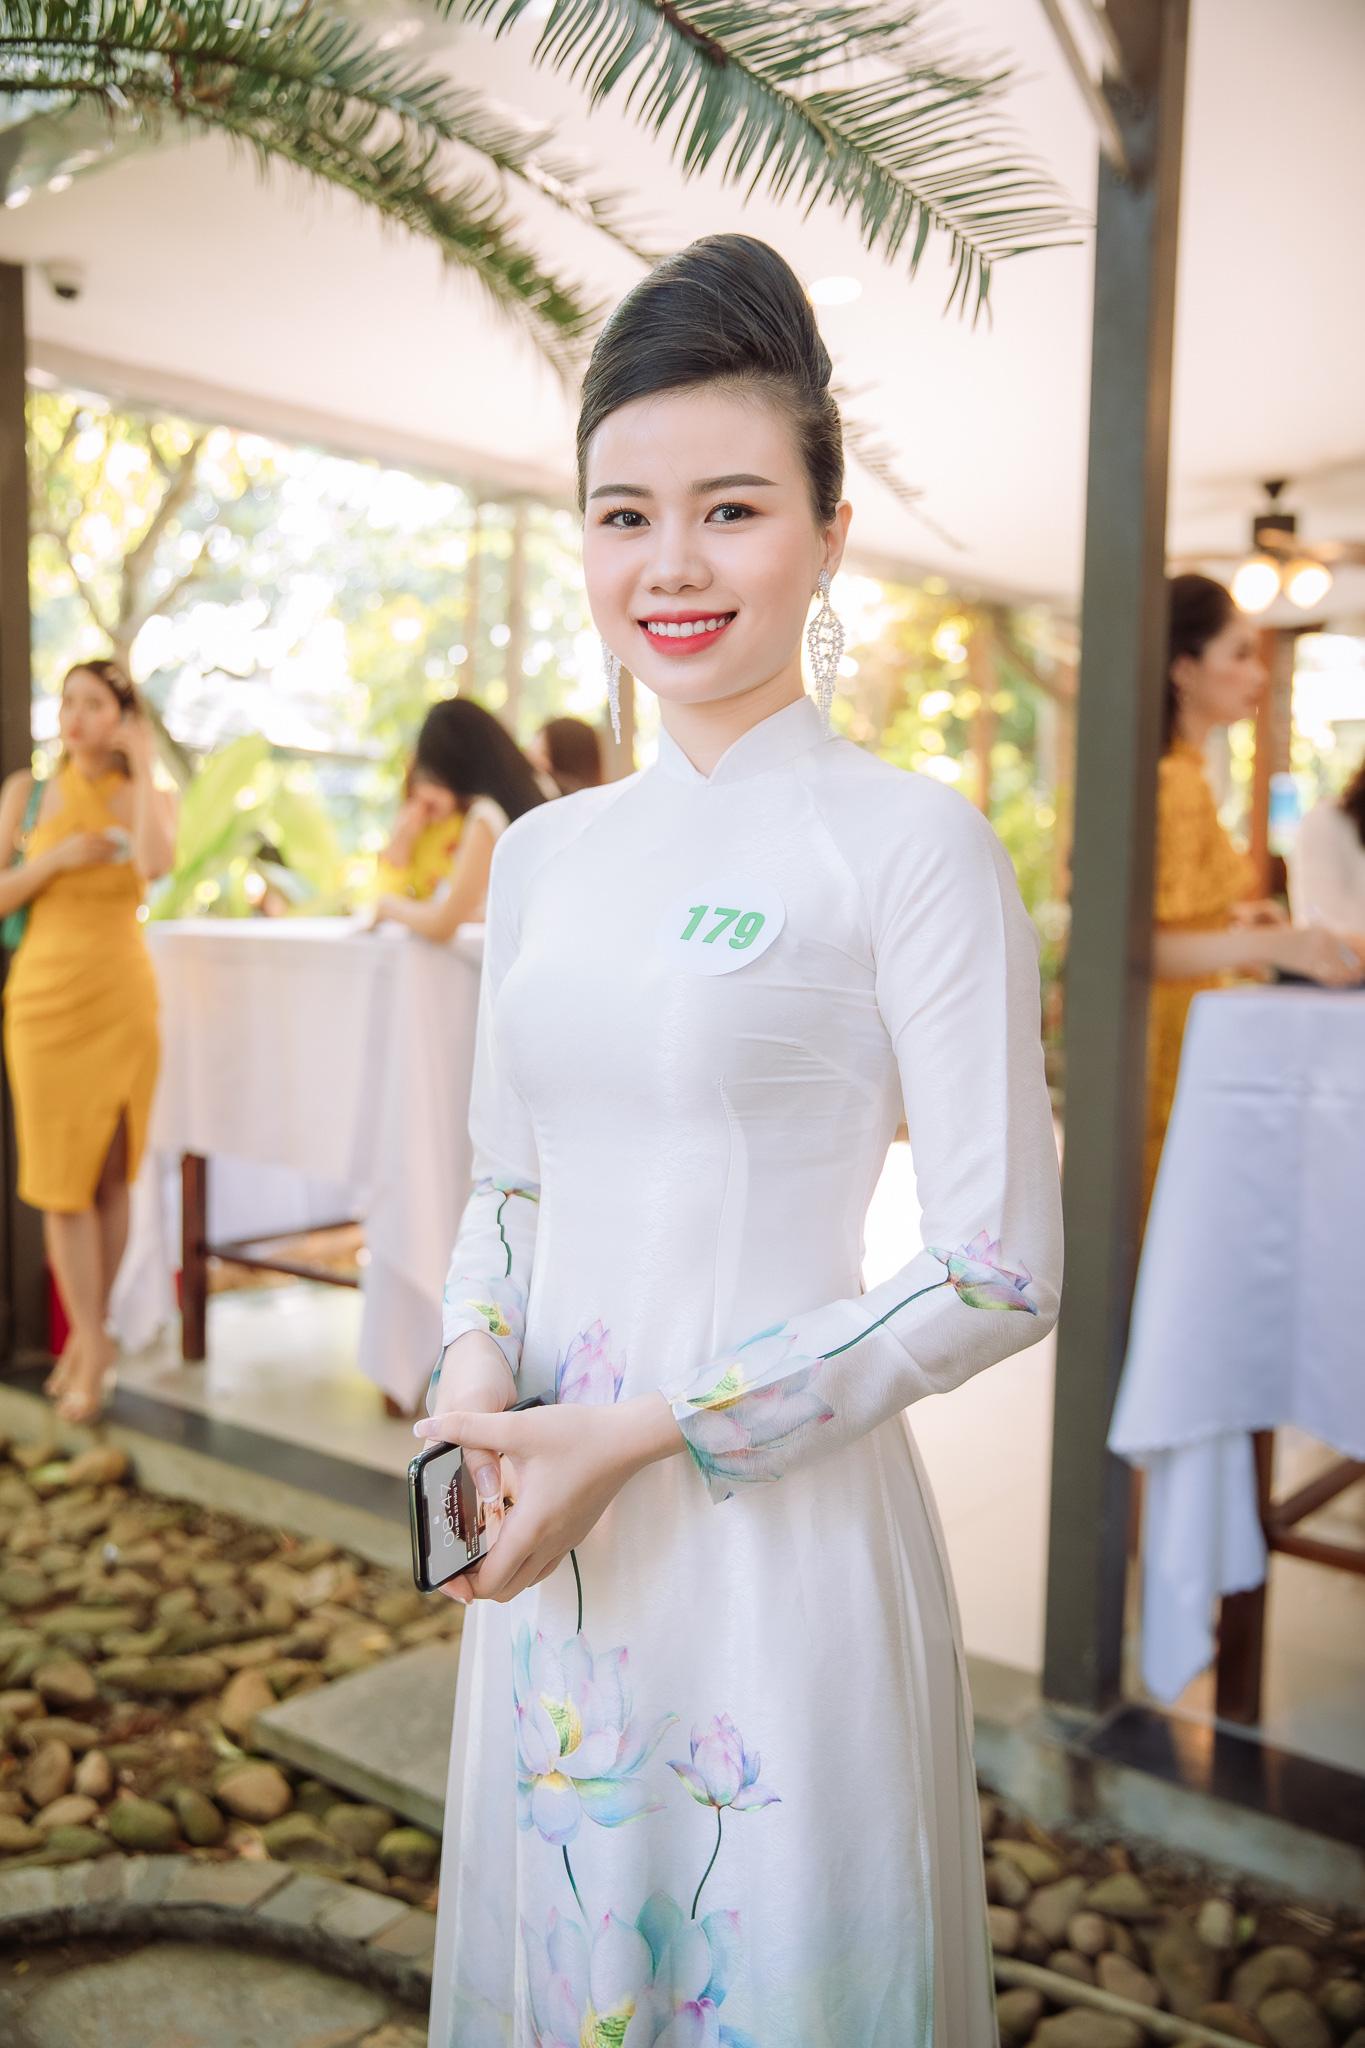 Hoa hậu Khánh Ngân và Ngọc Hân cùng làm ban giám khảo Miss Tourism Vietnam 2020 - Ảnh 2.